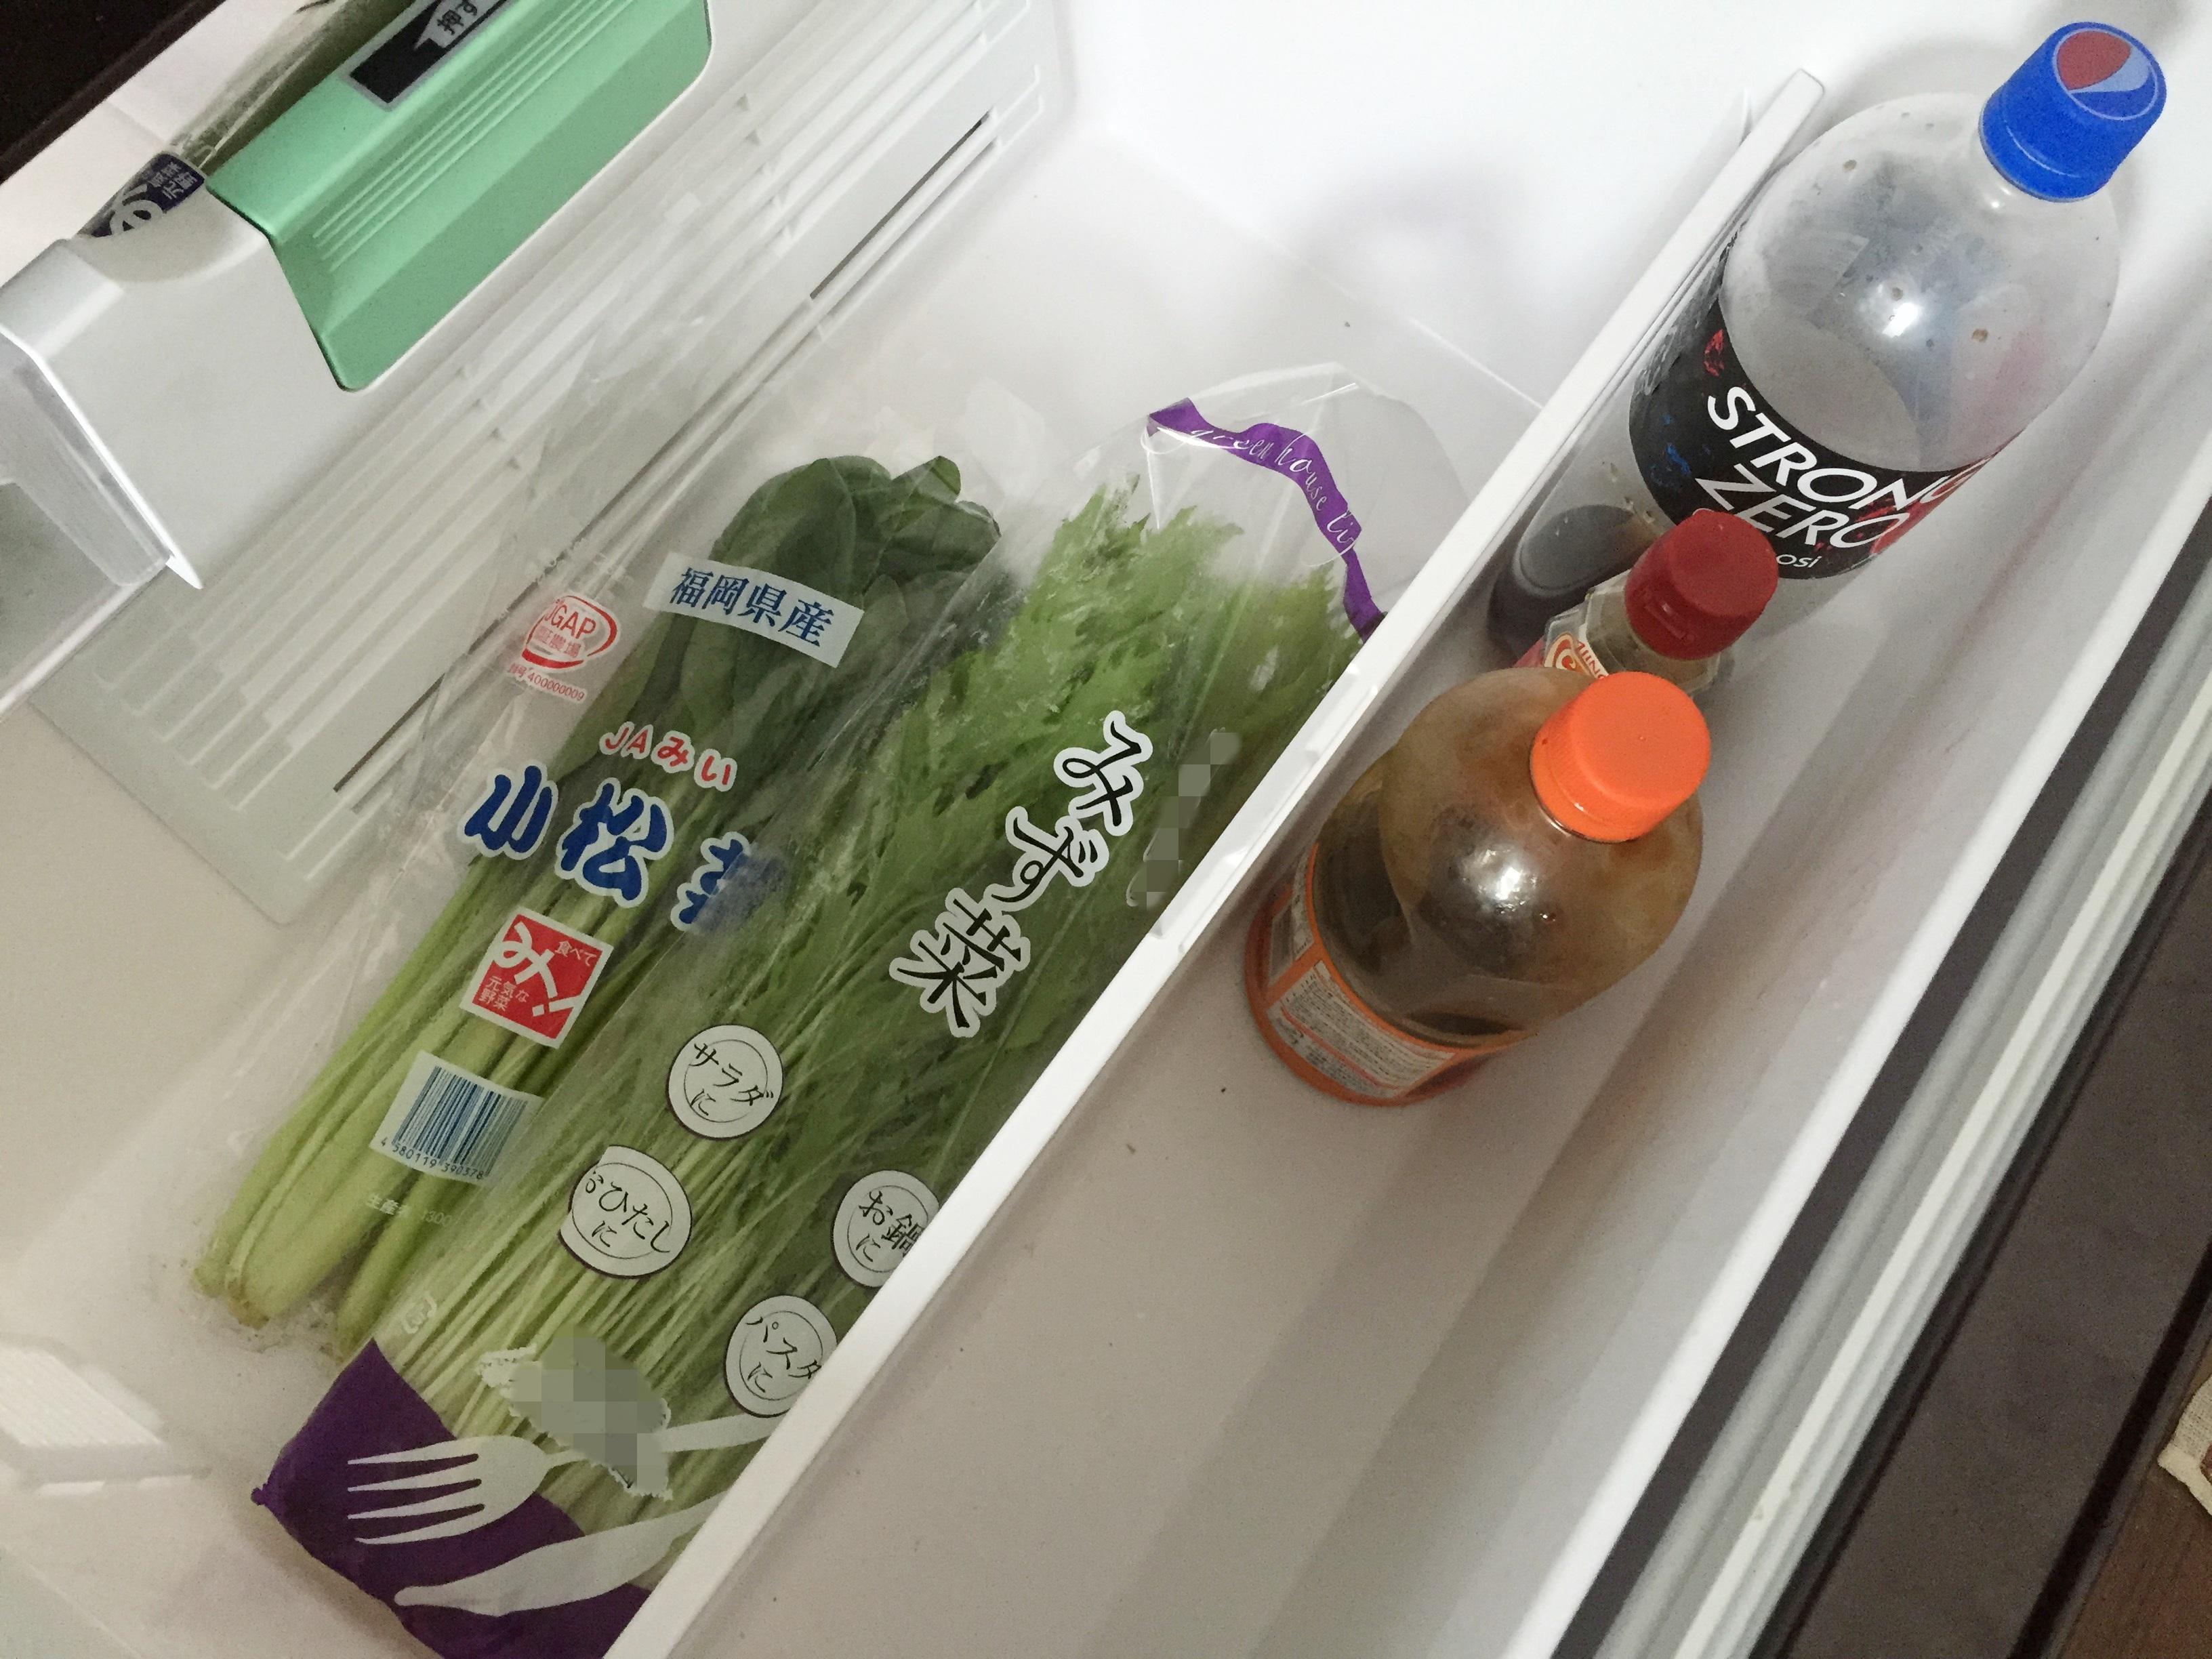 捨てない献立 3日で使い切る食材だけの買い物で冷蔵庫がすっきり快適